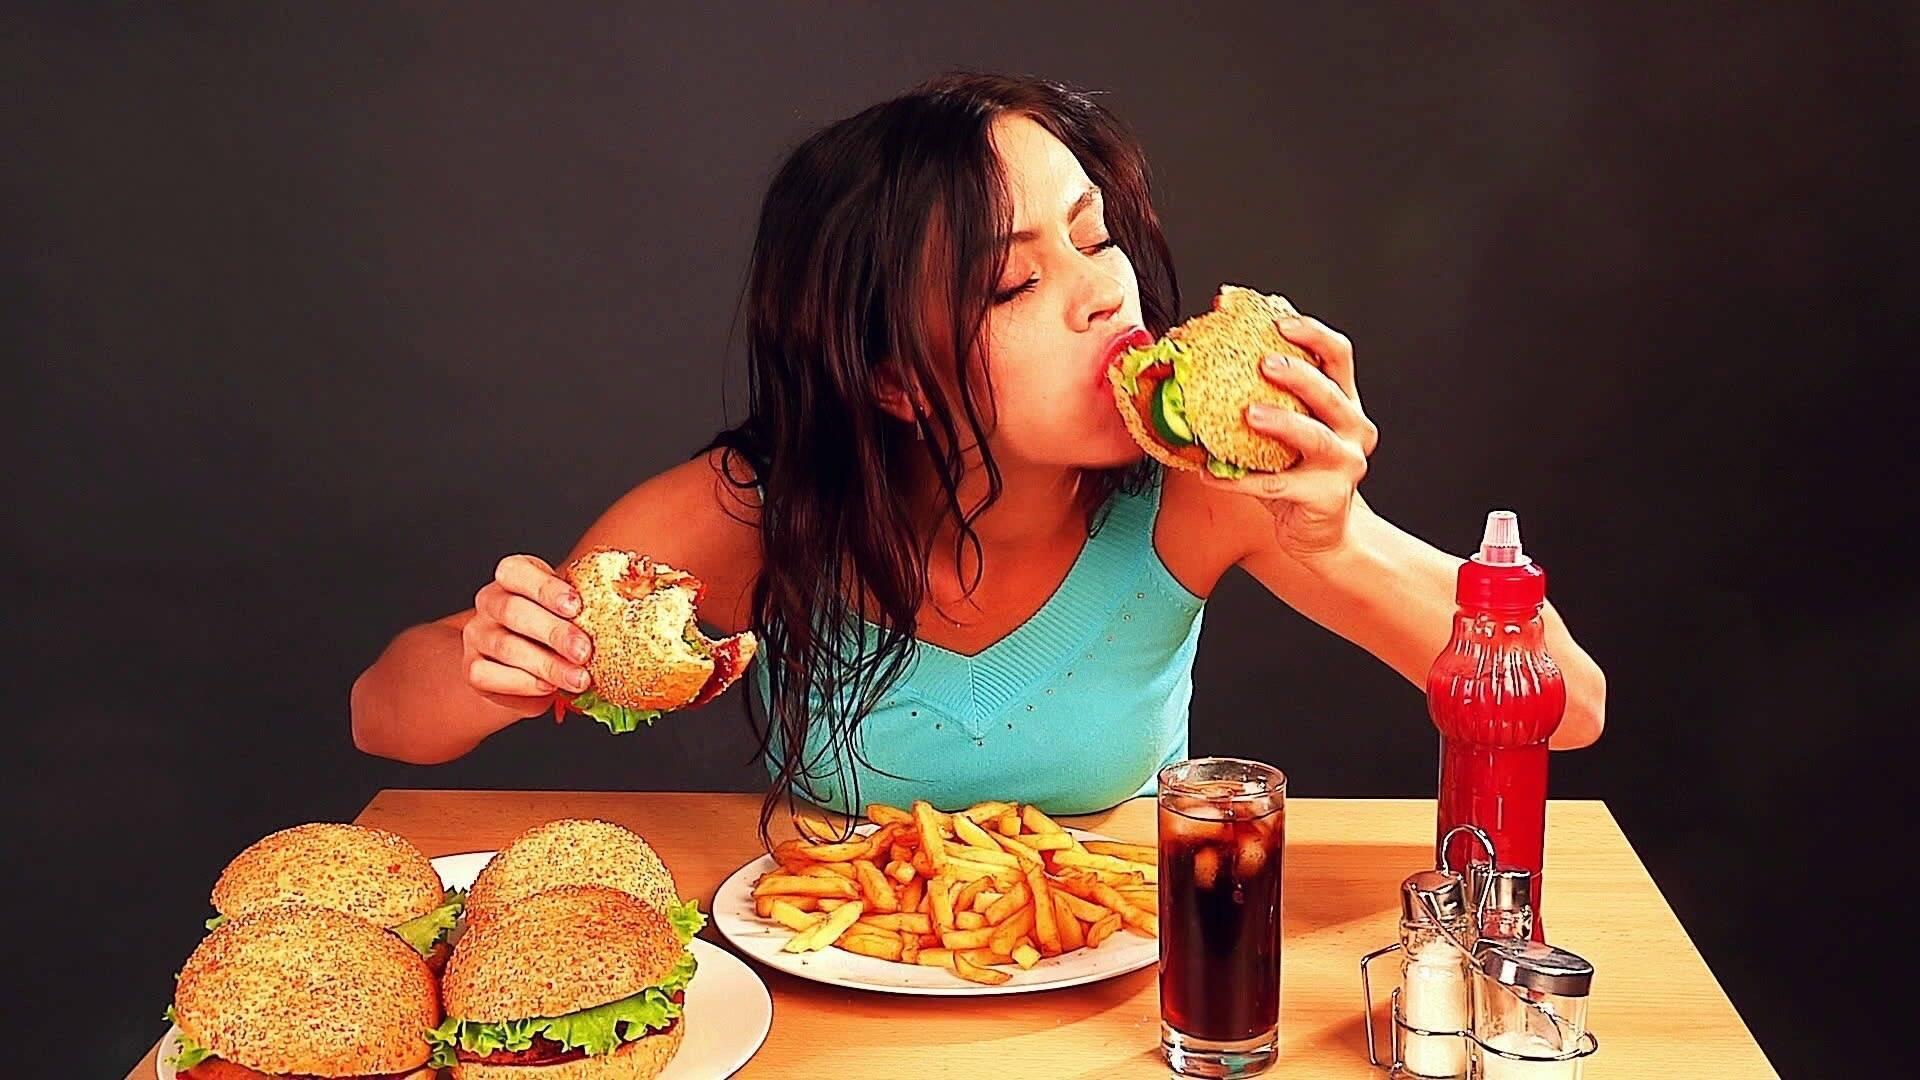 Почему с похмелья хочется есть всякую гадость | tsitologiya.su